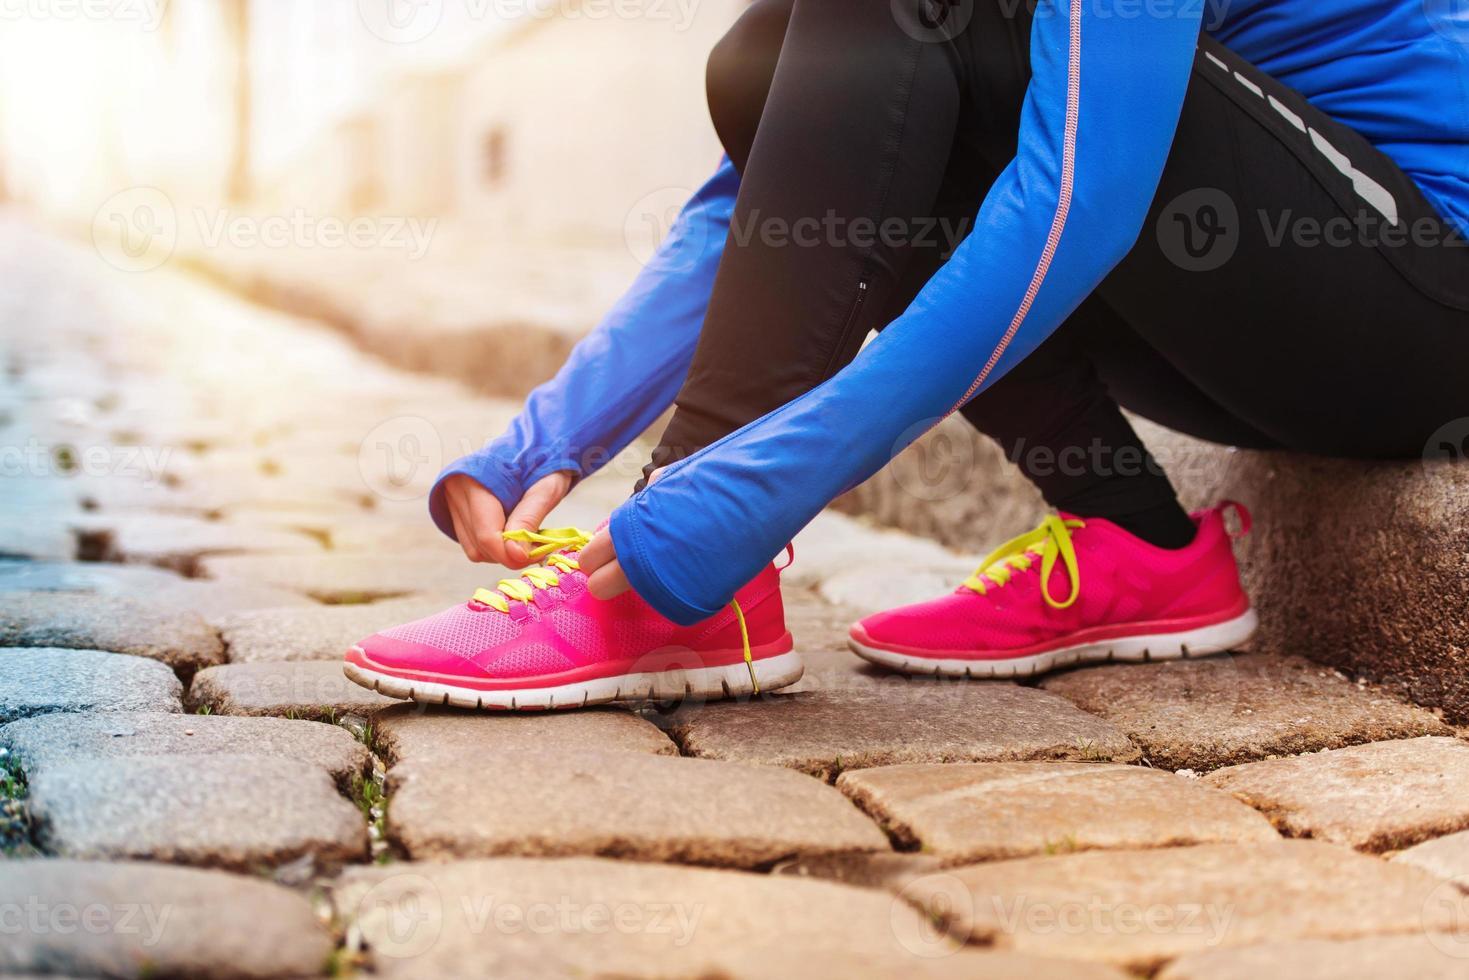 jeune femme attachant ses baskets roses pour se préparer pour une course photo